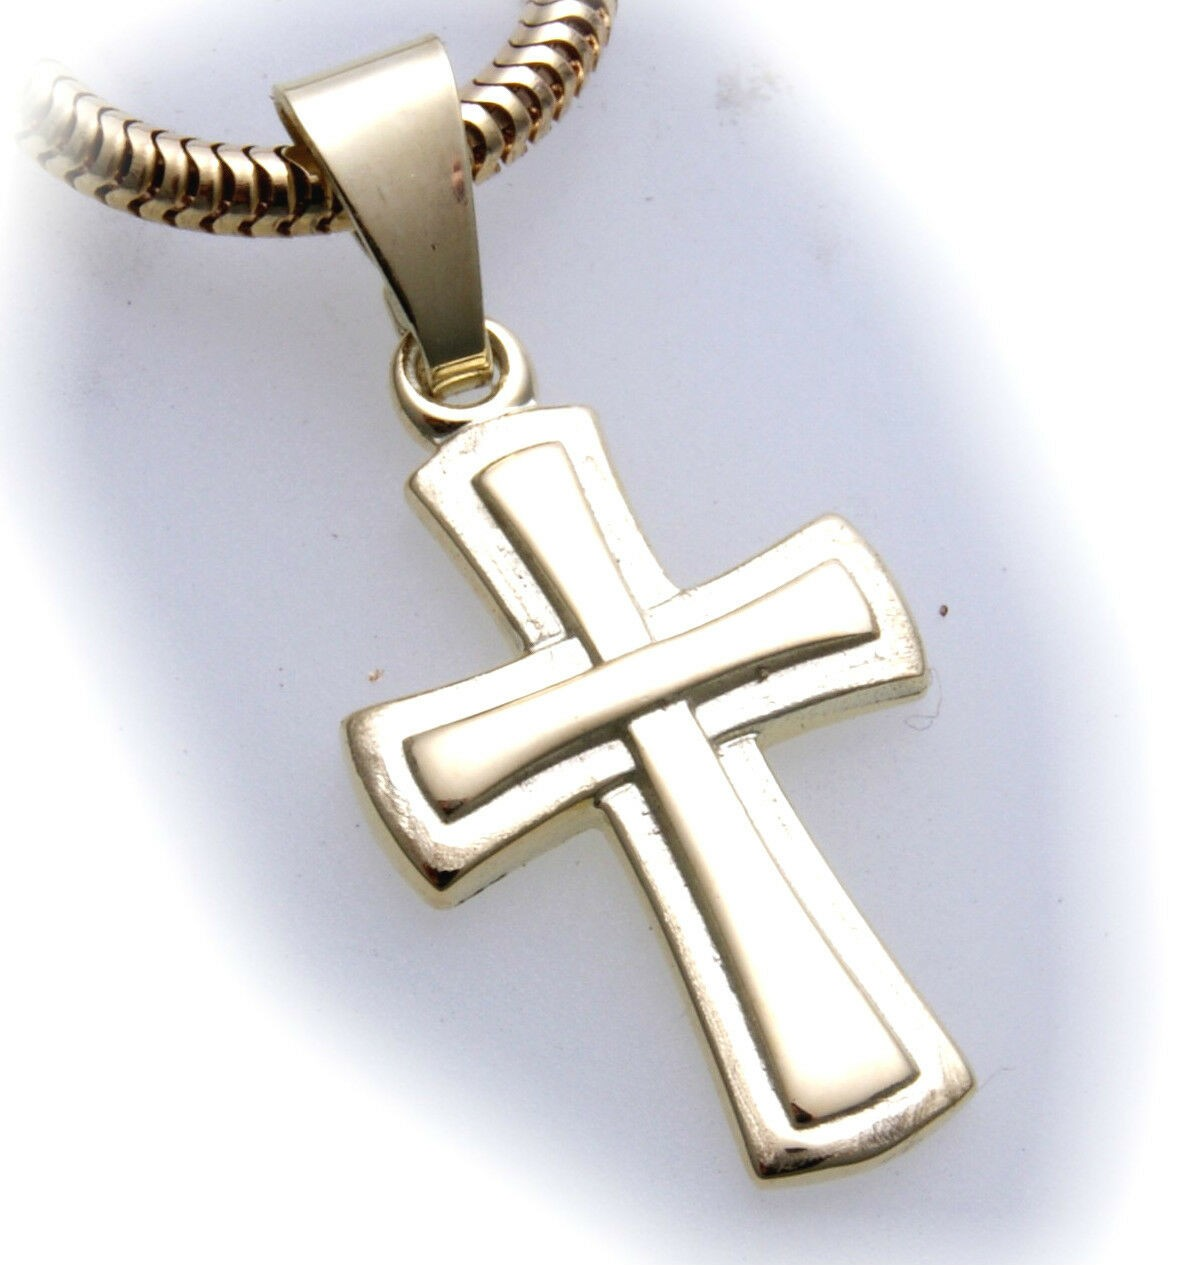 Anhänger Kreuz Gold 333 poliert 22 mm teilmatt. Gelbgold Unisex Qualität